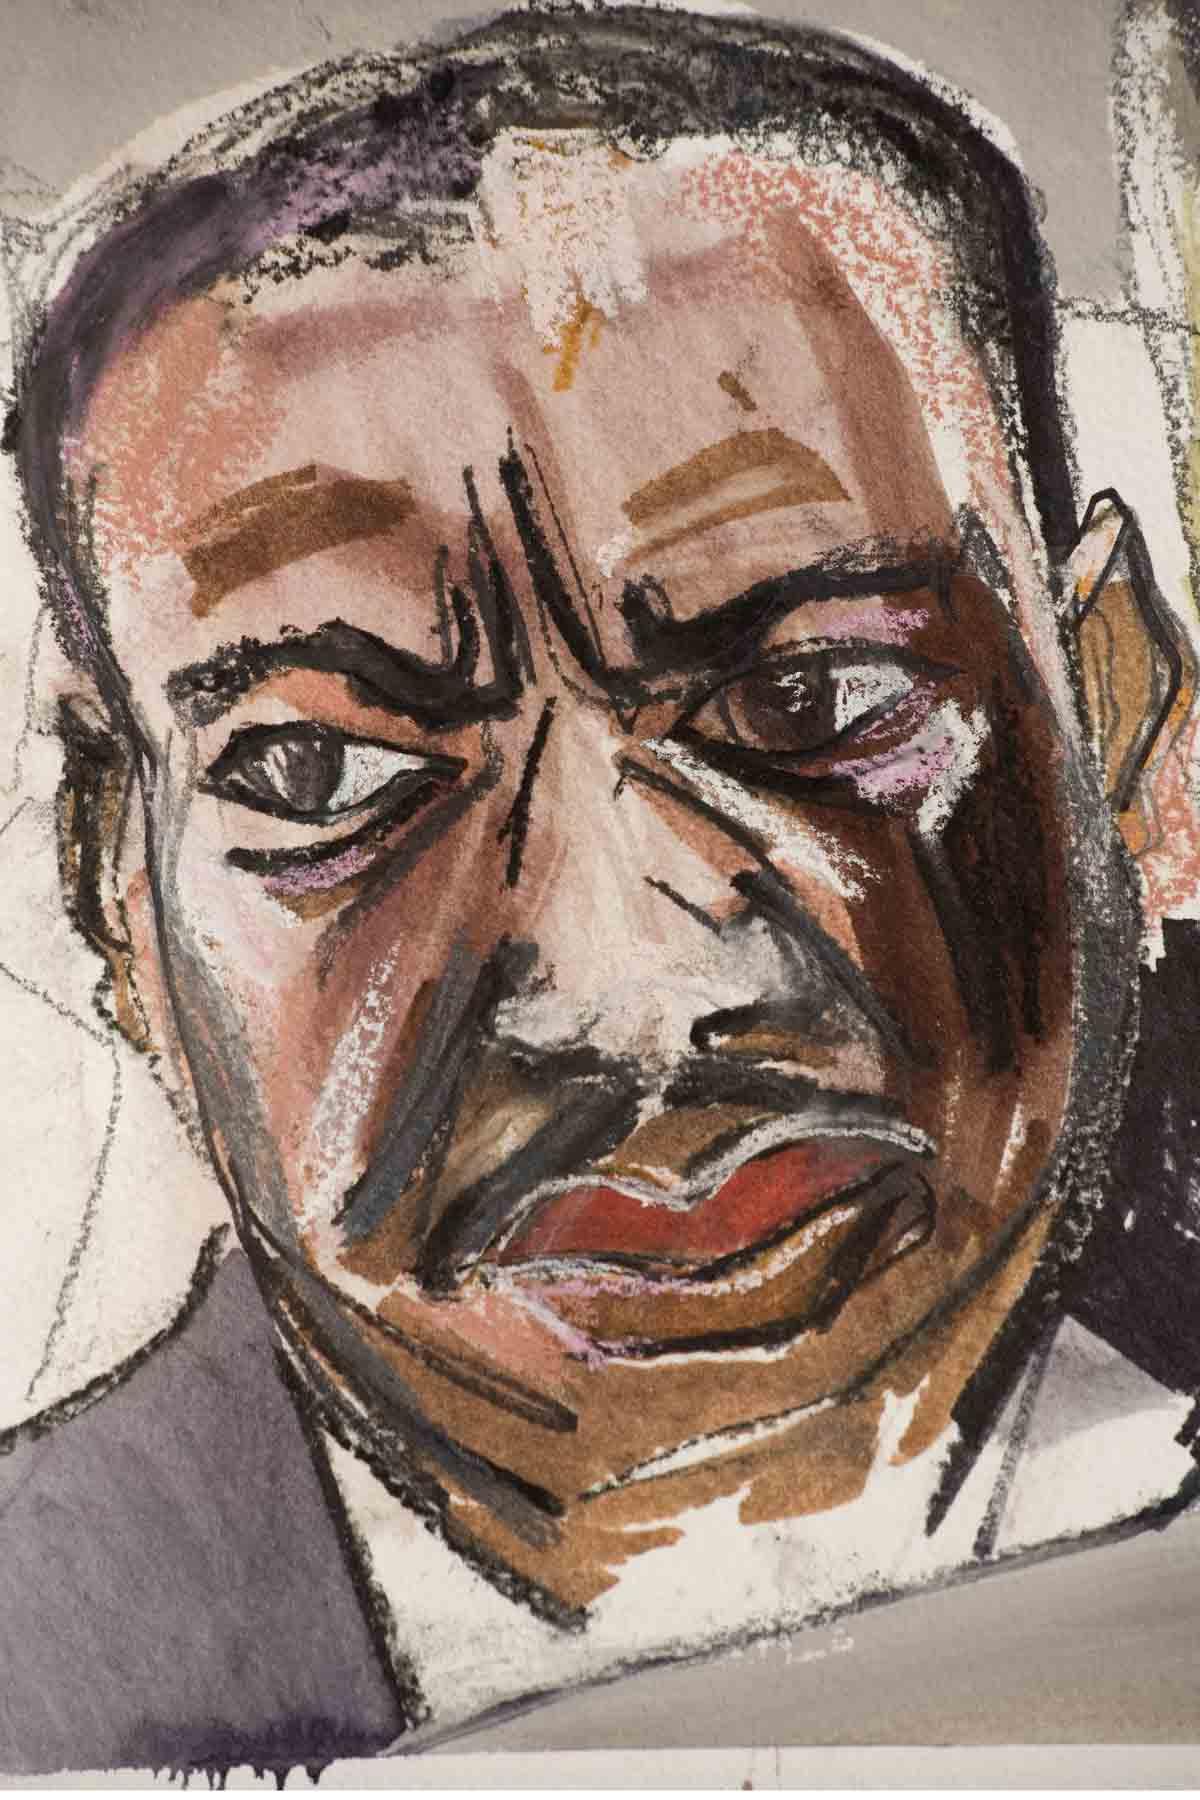 Martin King